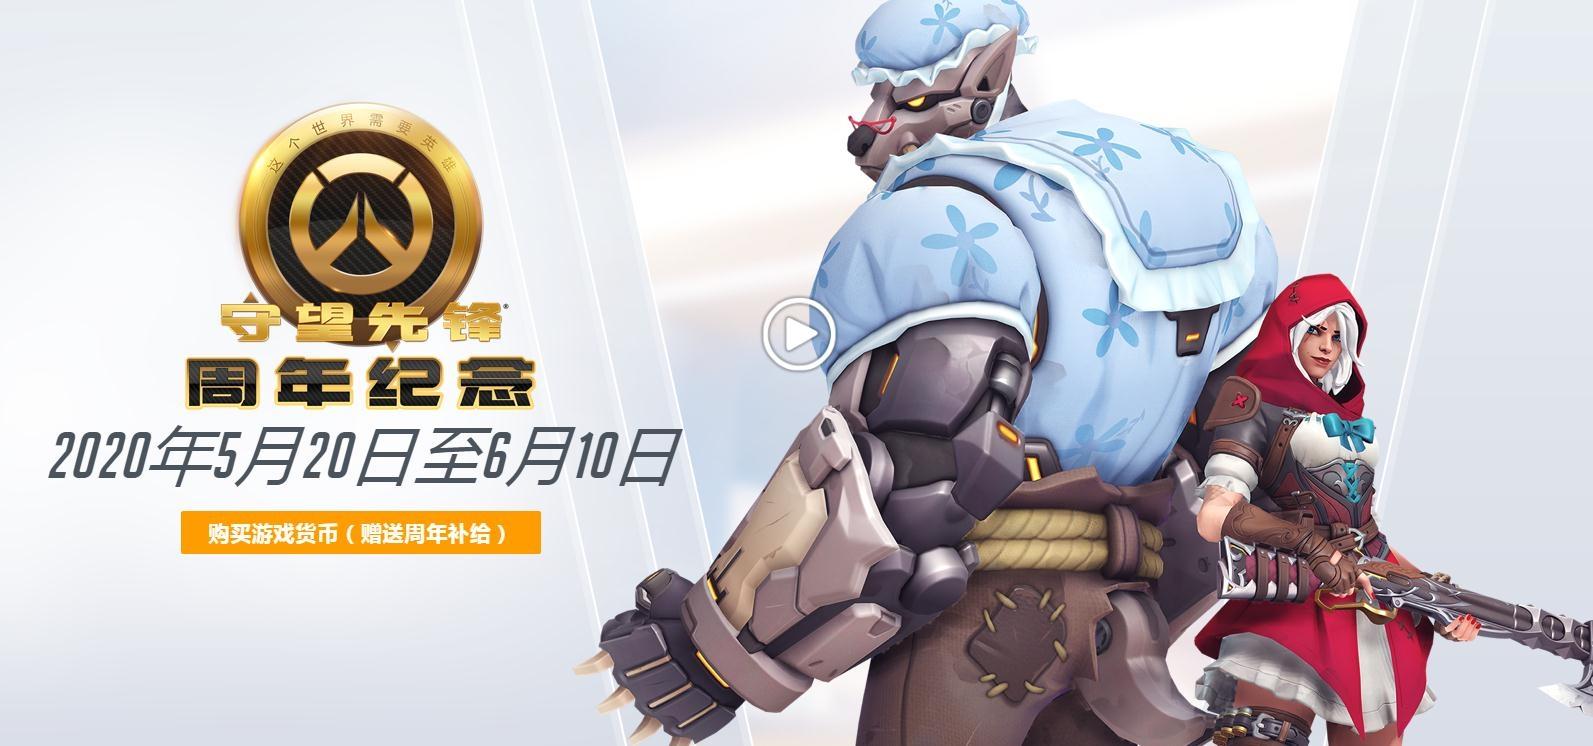 《守望先锋》四周年庆活动上线